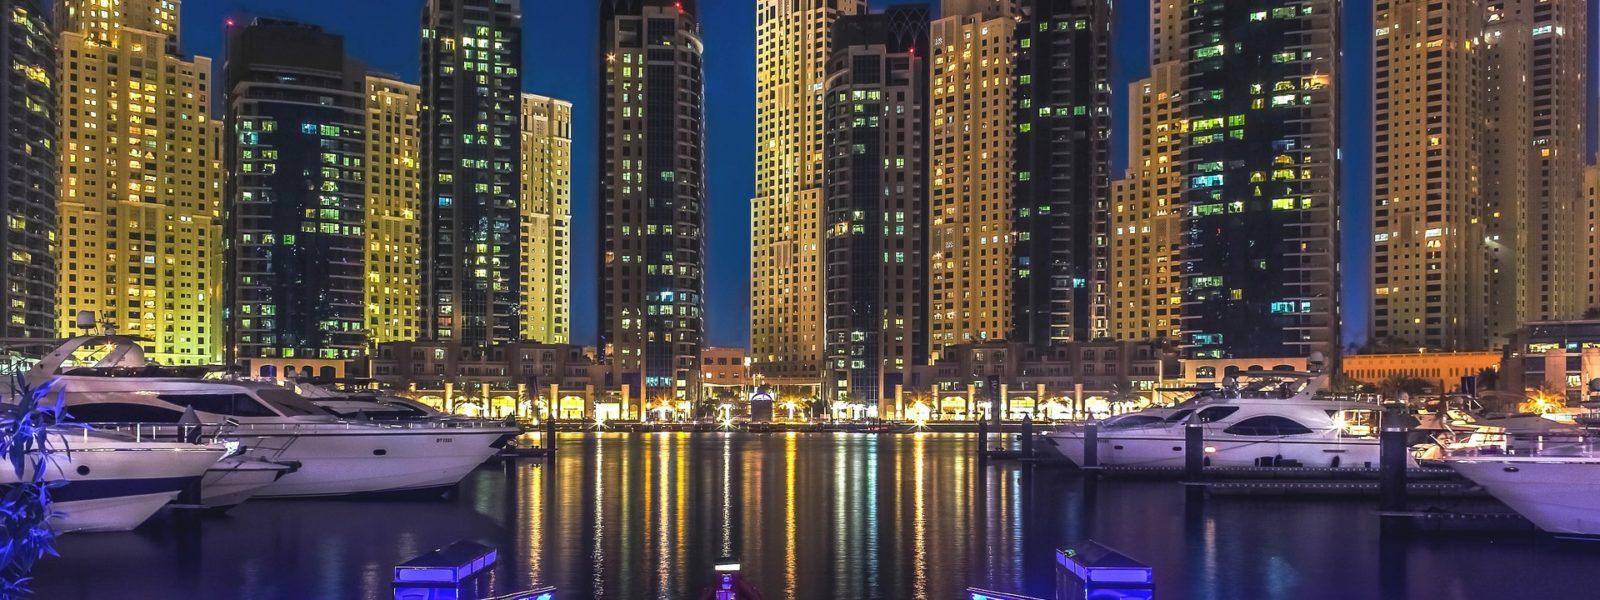 Ce que vous devez savoir  avant de voyager à Dubai